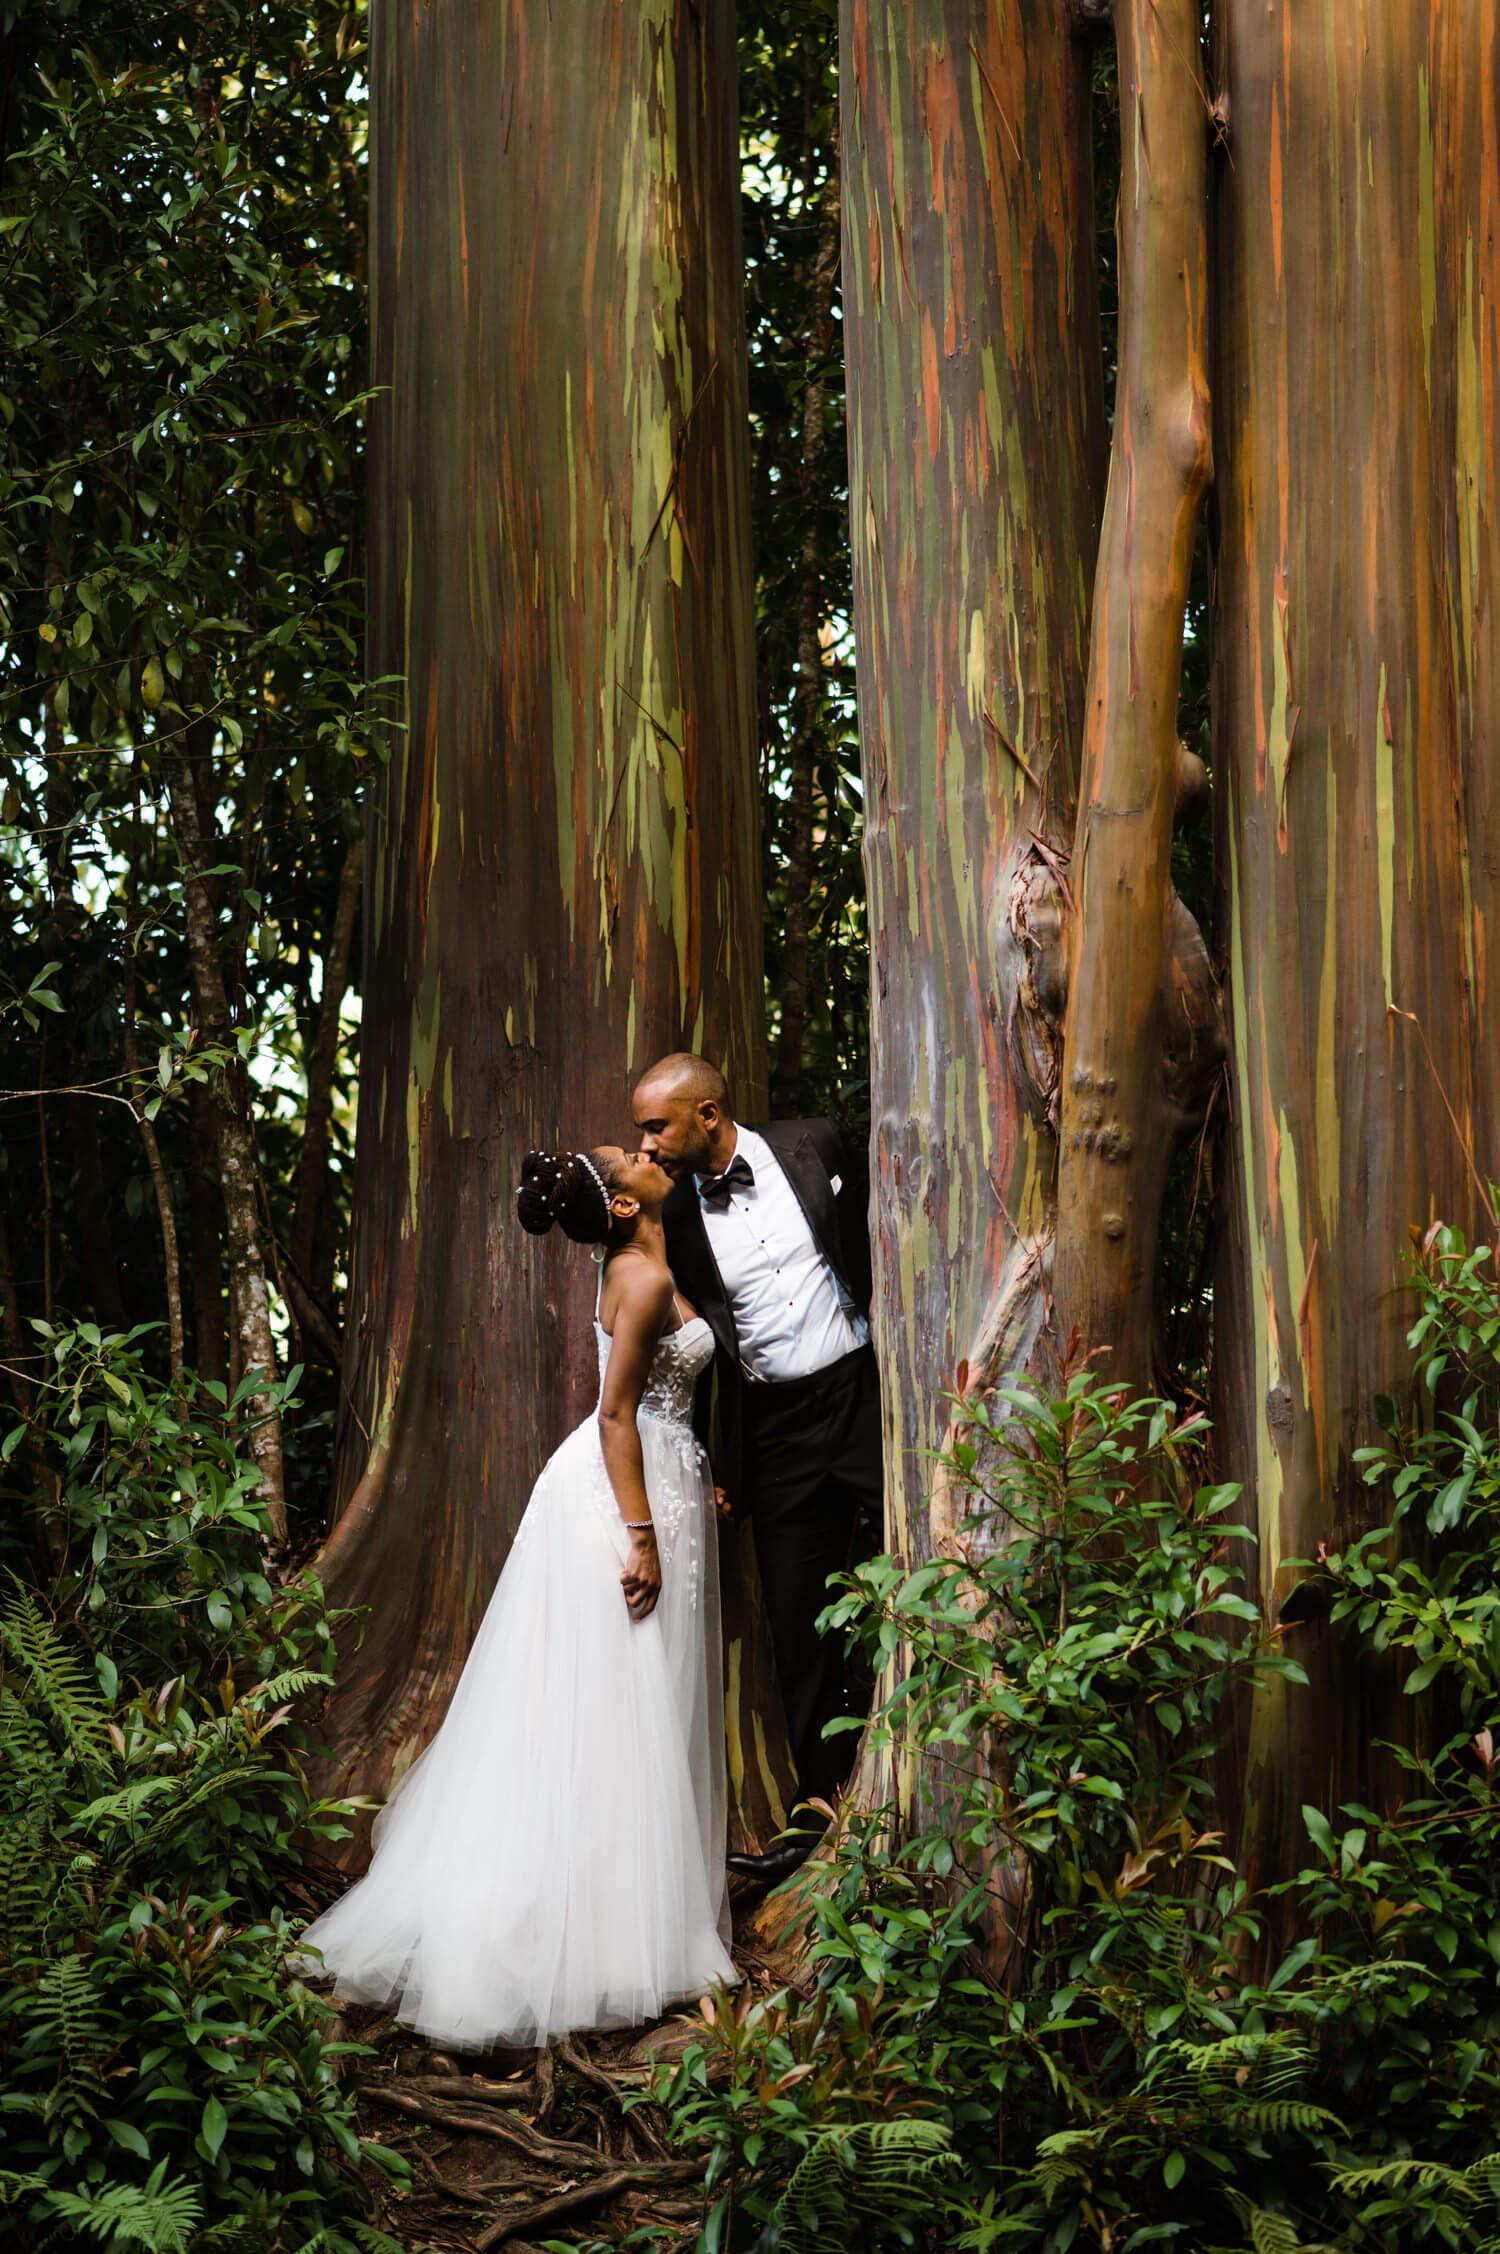 Road to Hana Maui elopement at rainbow eucalyptus trees